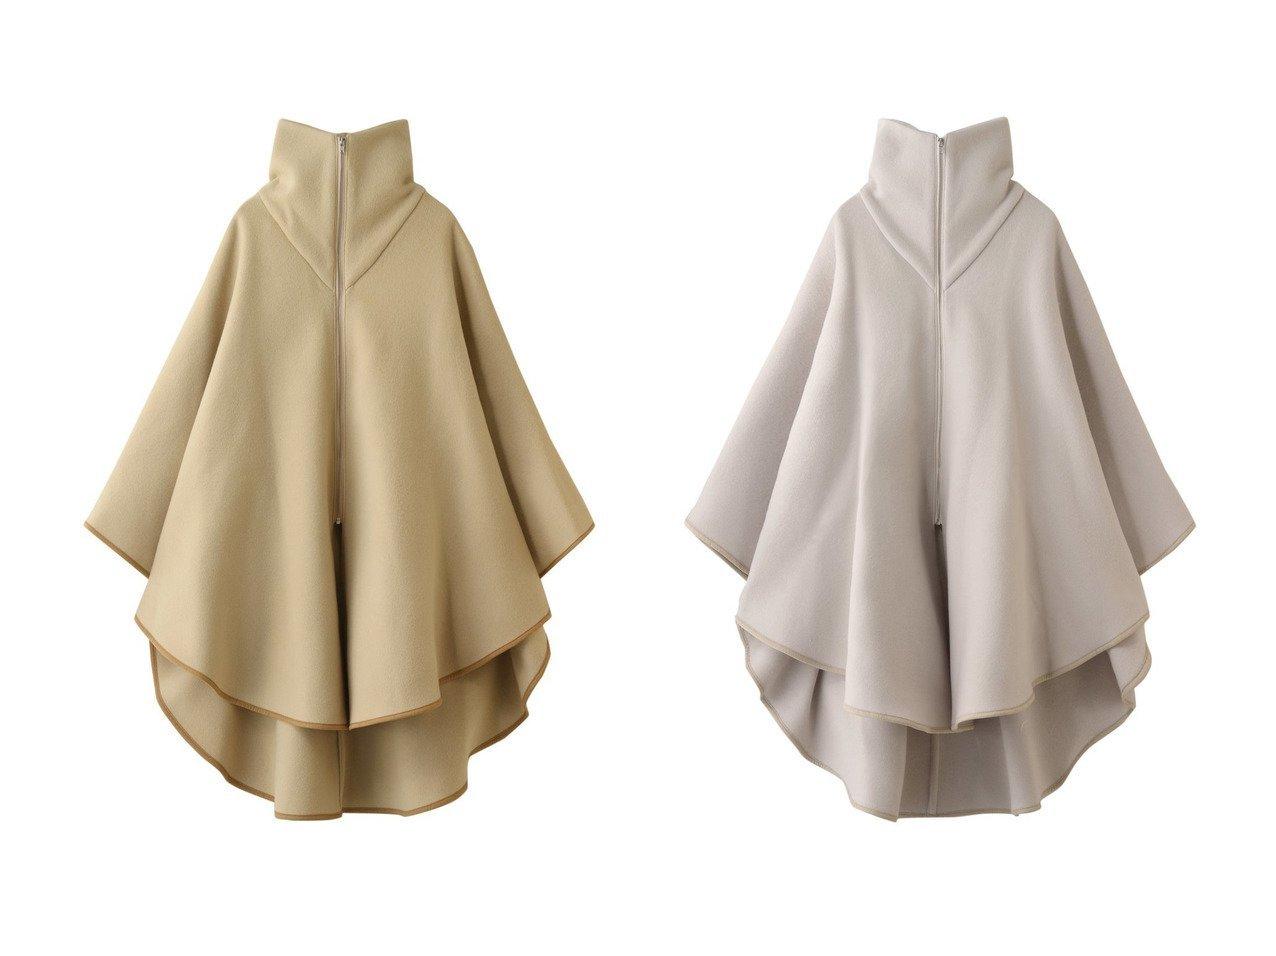 【Whim Gazette/ウィムガゼット】のパイピングポンチョ アウターのおすすめ!人気、トレンド・レディースファッションの通販 おすすめで人気の流行・トレンド、ファッションの通販商品 メンズファッション・キッズファッション・インテリア・家具・レディースファッション・服の通販 founy(ファニー) https://founy.com/ ファッション Fashion レディースファッション WOMEN アウター Coat Outerwear コート Coats ポンチョ Ponchos ショート シンプル パイピング フロント ポンチョ 防寒 |ID:crp329100000015381